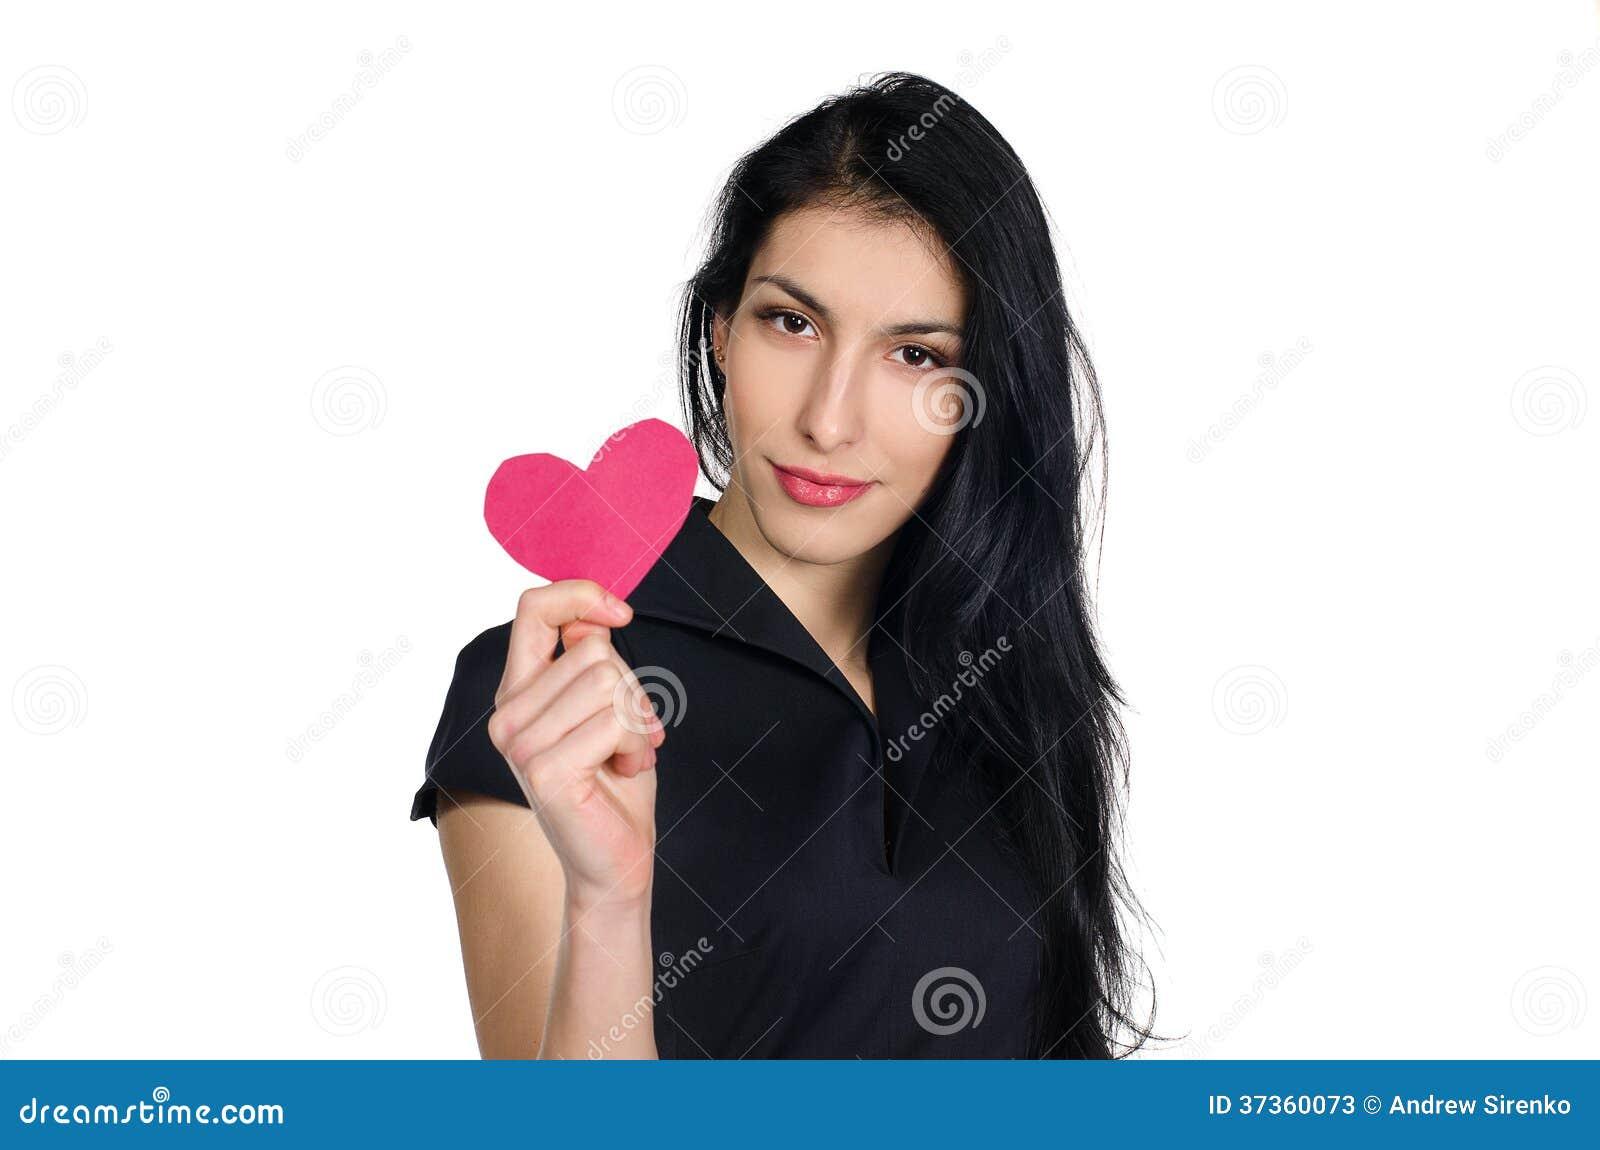 Brunett i svart klänning med hjärta som göras av papper